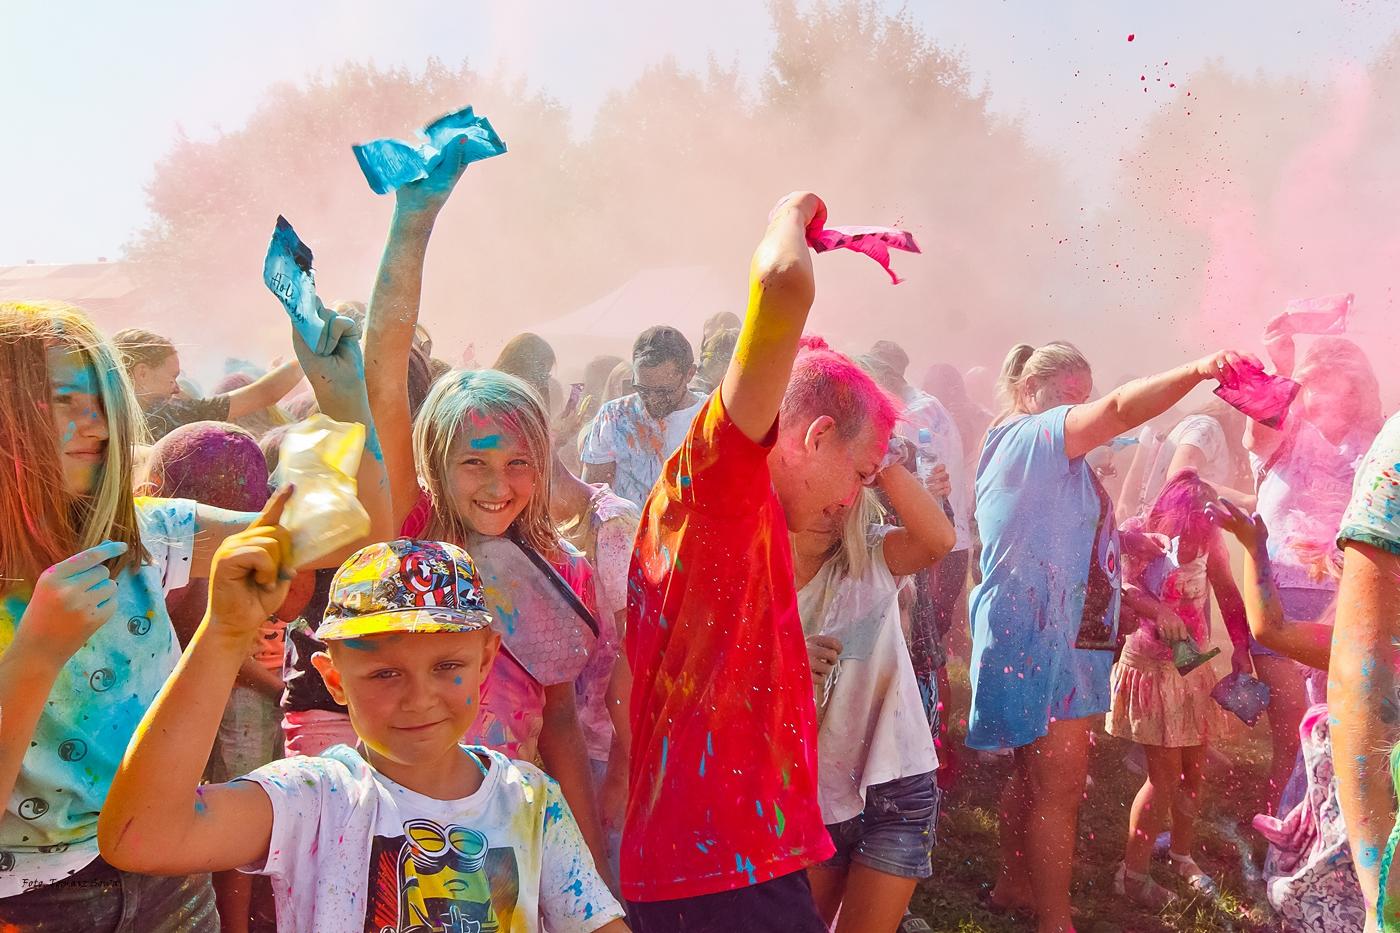 Kids Race, święto kolorów i pierwsza ślizgawka - taka była sobota na sanockim MOSiR [FOTORELACJA] - Zdjęcie główne